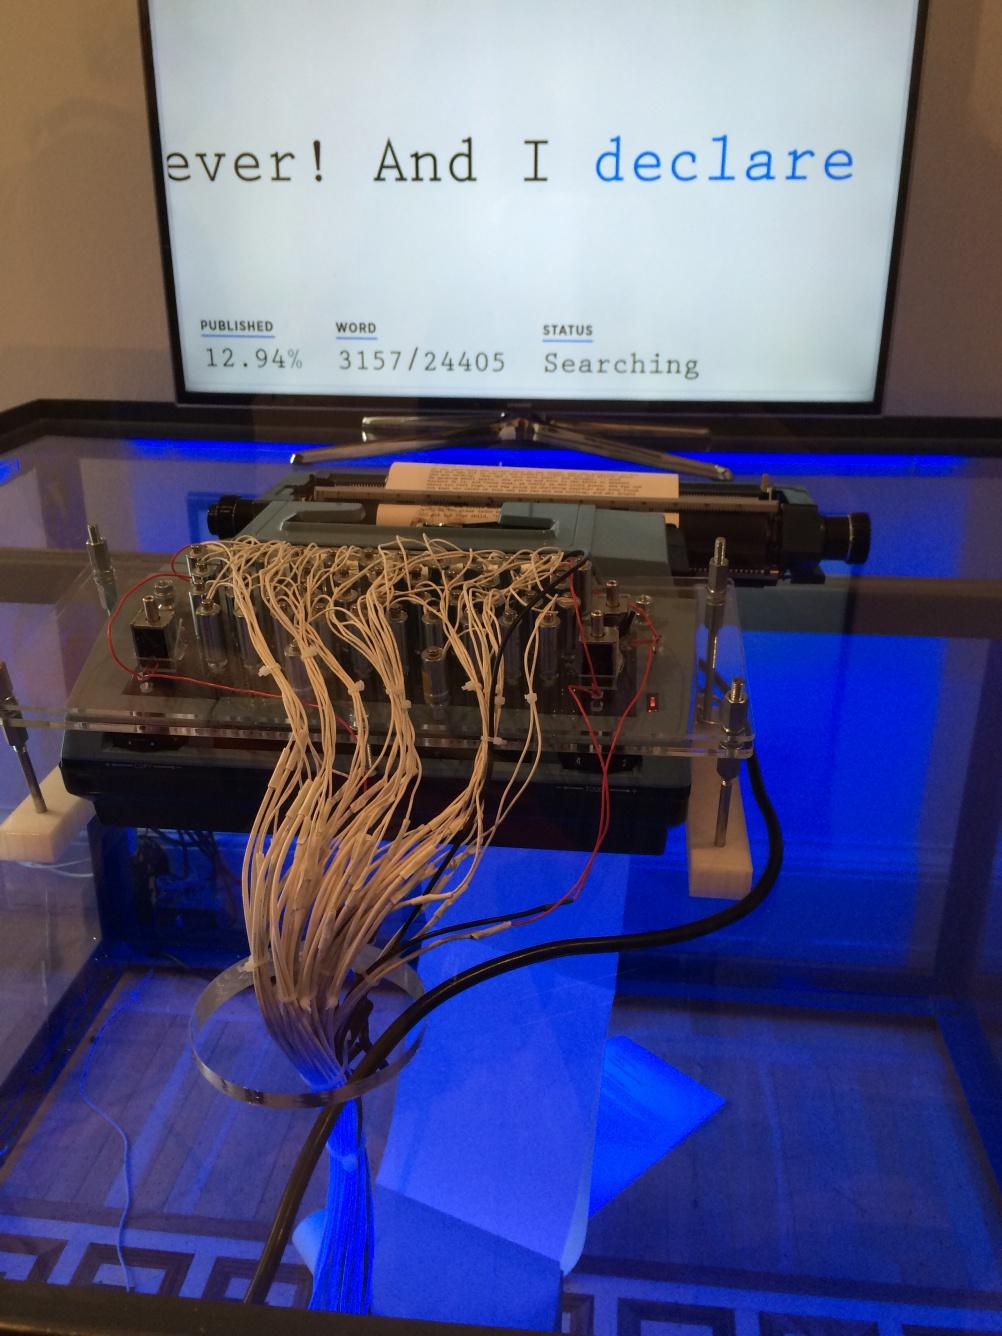 A #PoweredByTweets exhibit